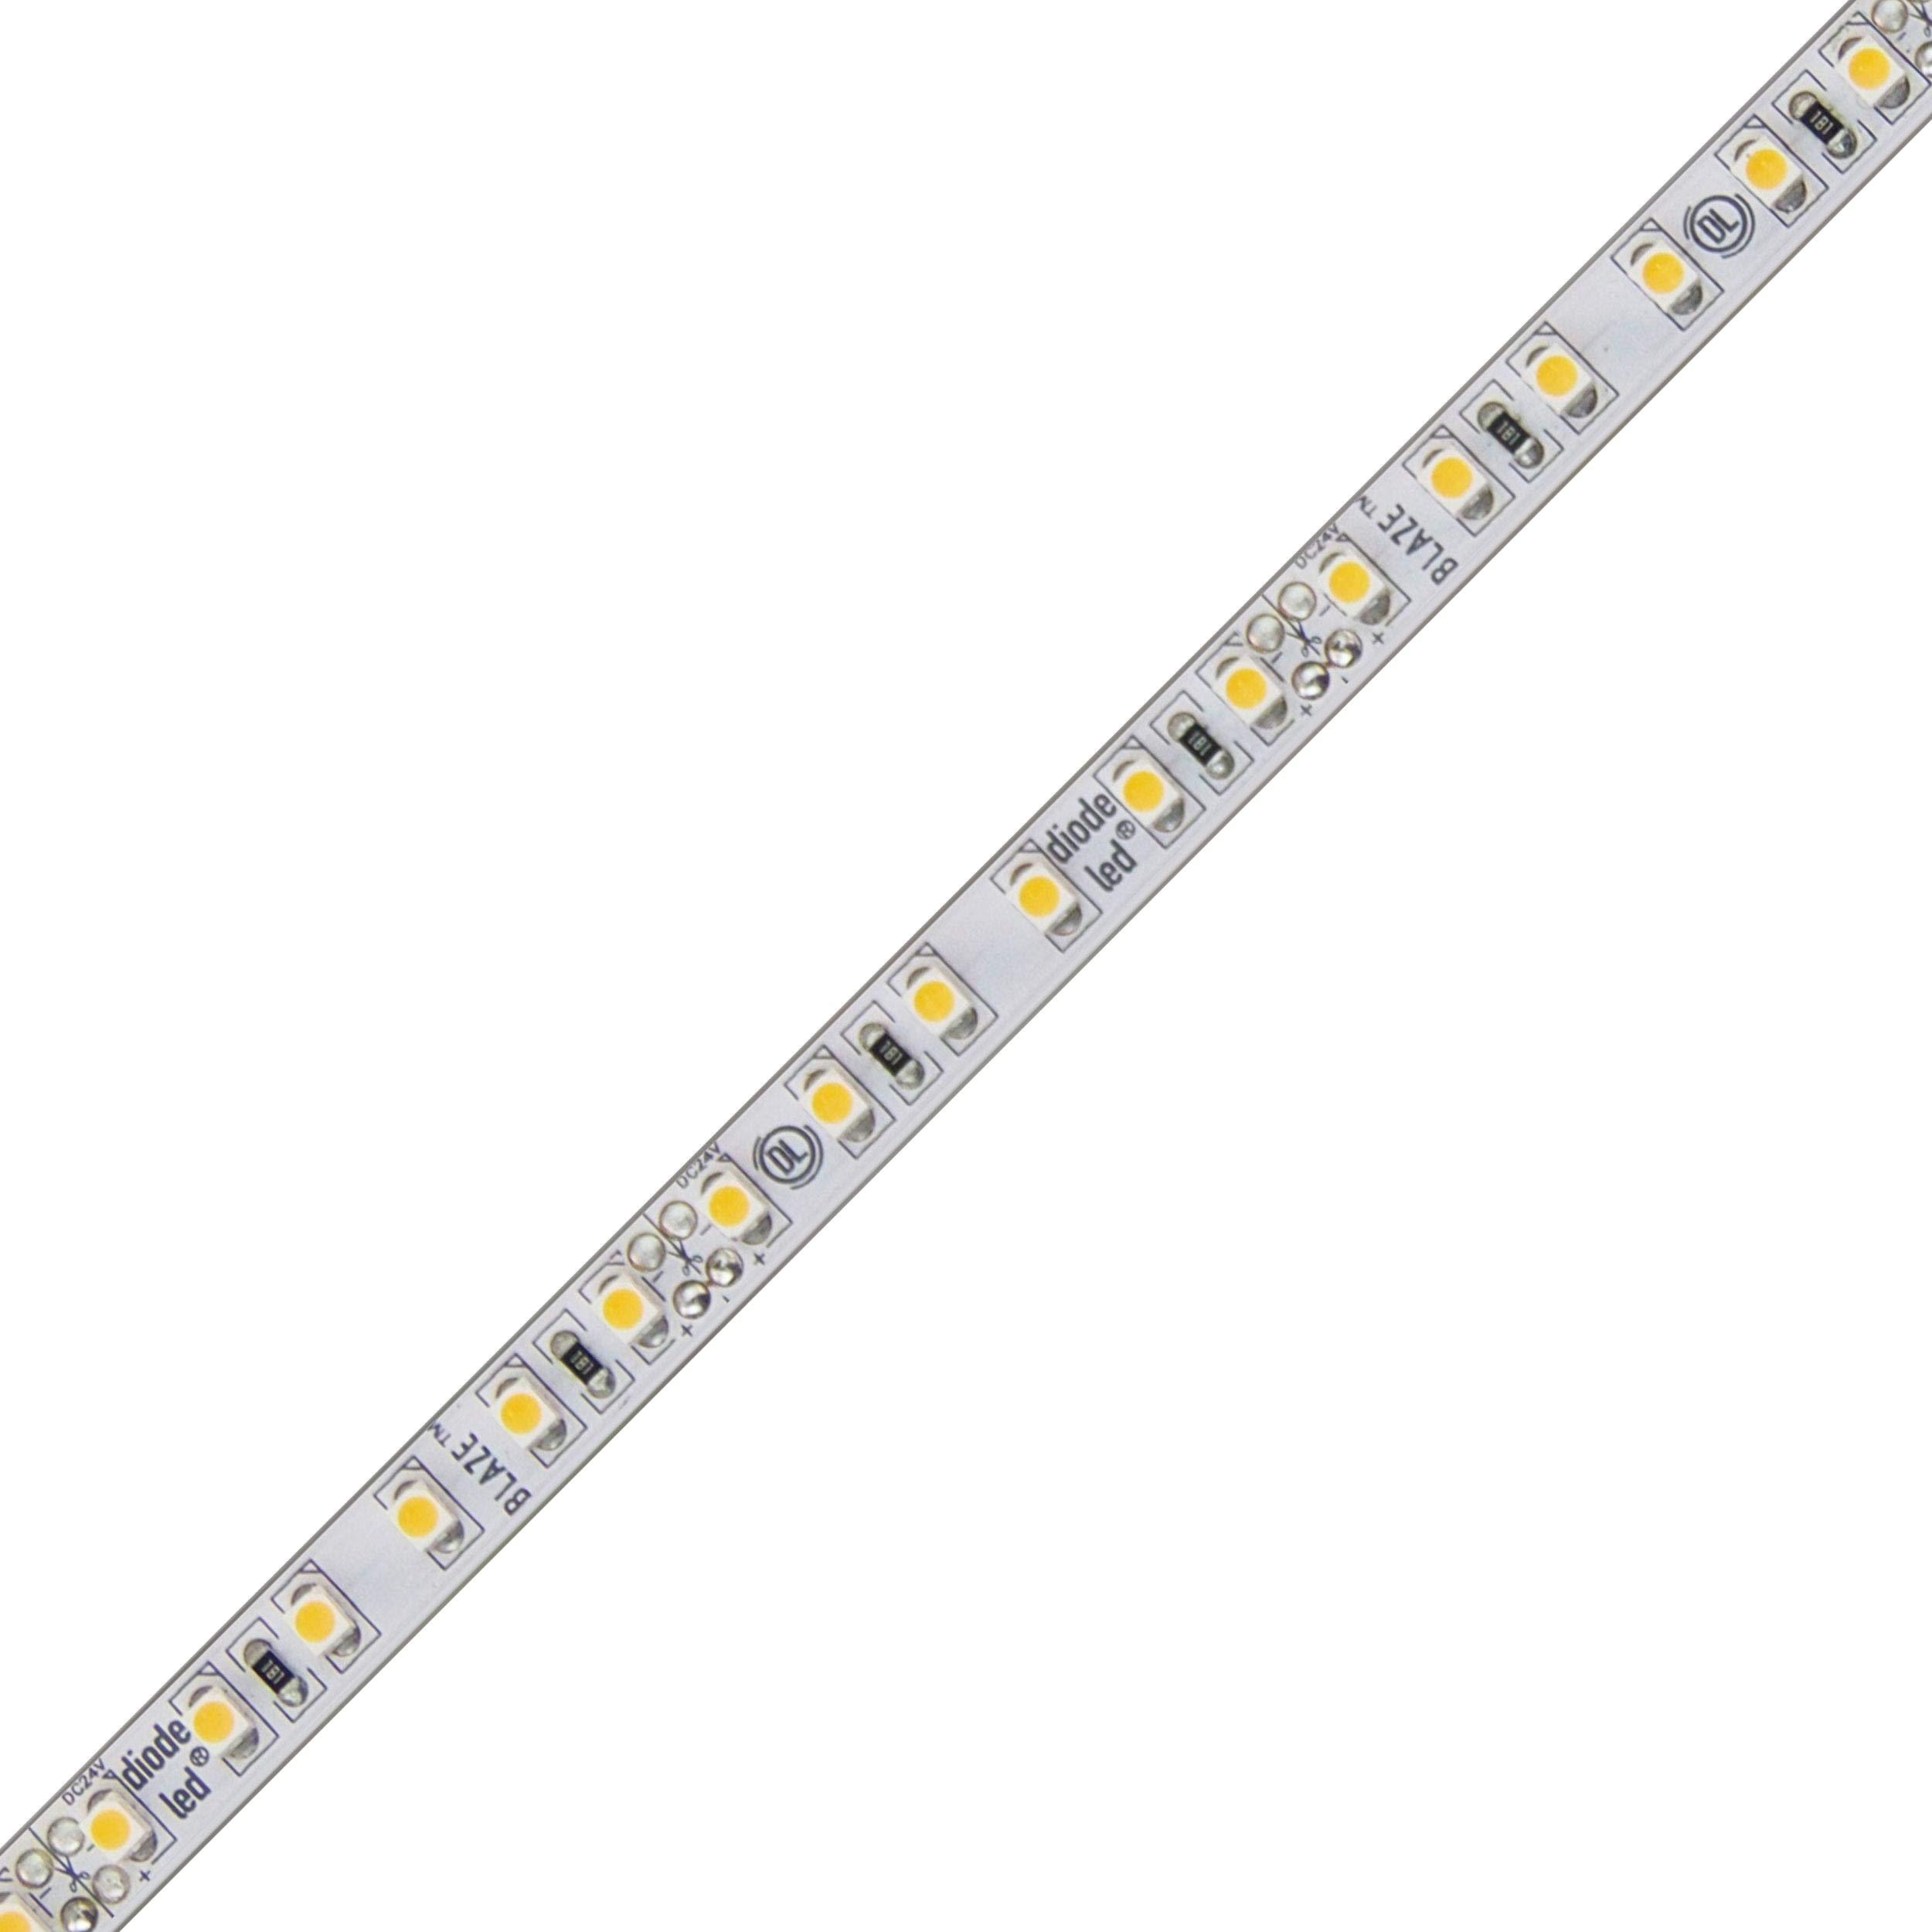 Diode LED Blaze LED Tape Light 24V 3300K 94 CRI 100ft 2.88W/ft